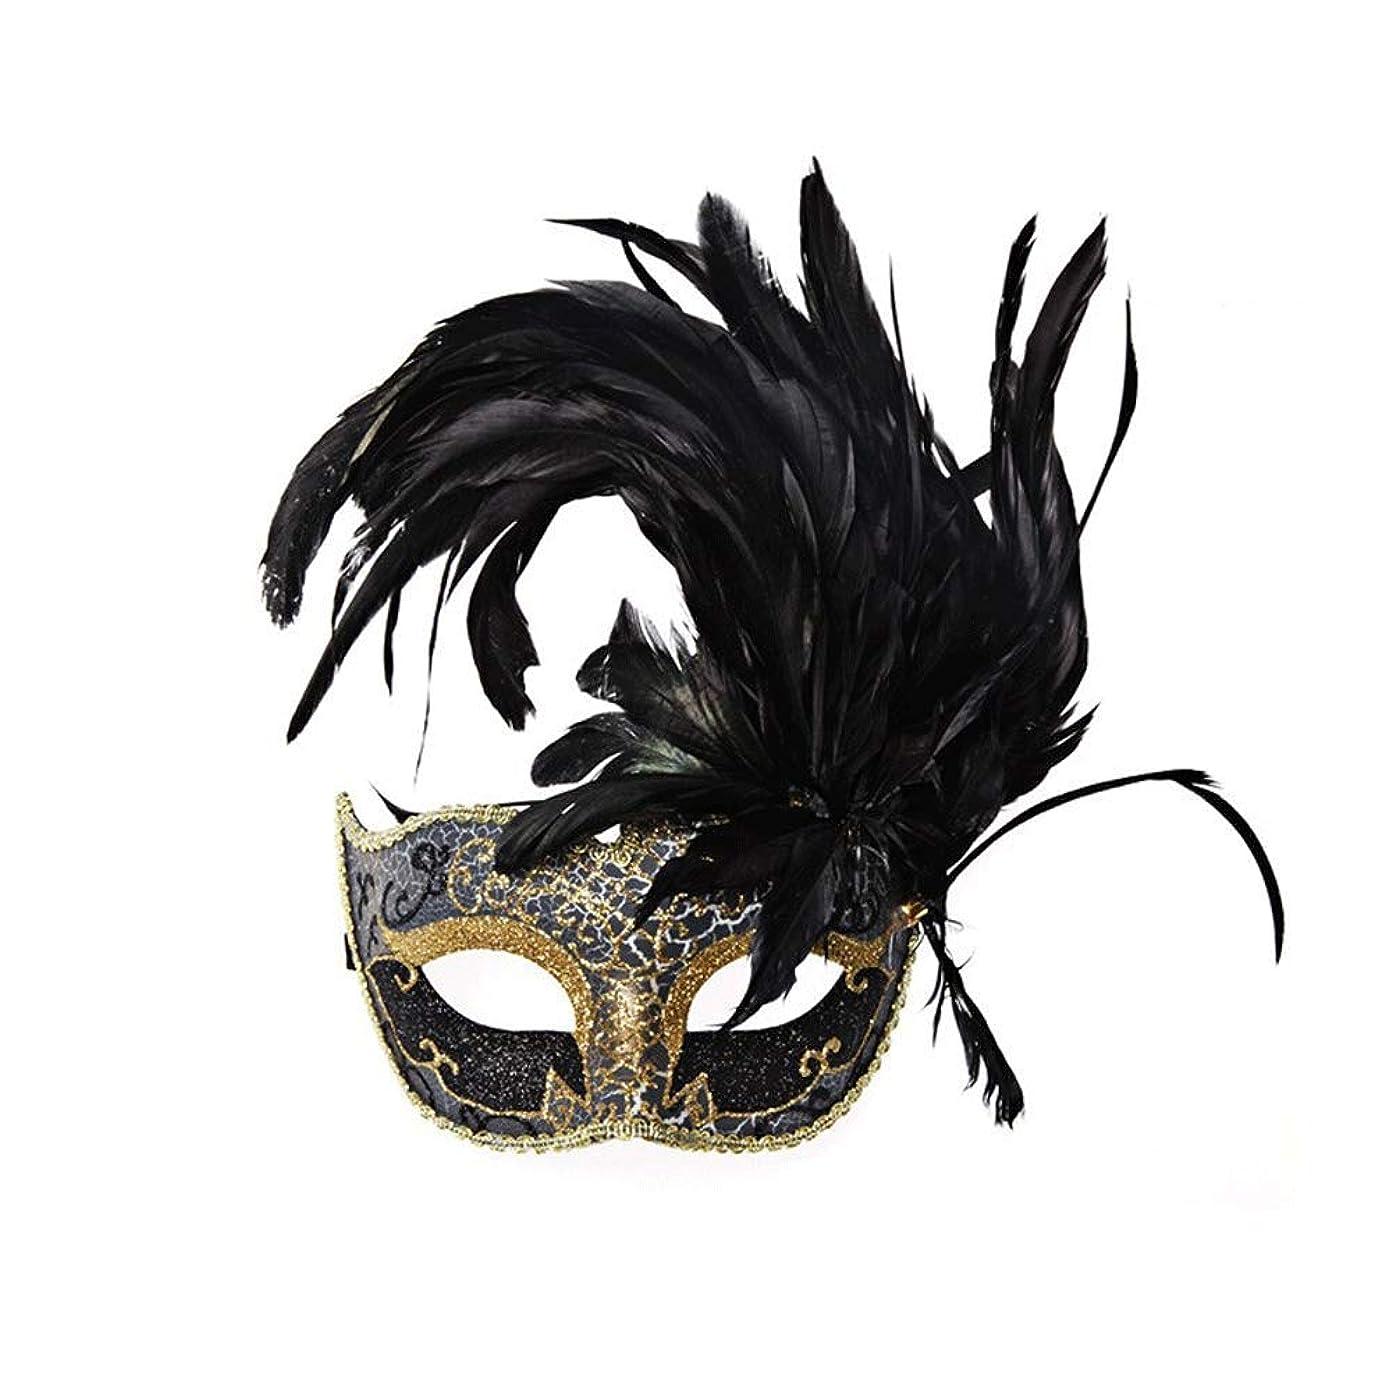 宣言未就学テープNanle ハロウィンマスクハーフフェザーマスクベニスプリンセスマスク美容レース仮面ライダーコスプレ (色 : Style A black)